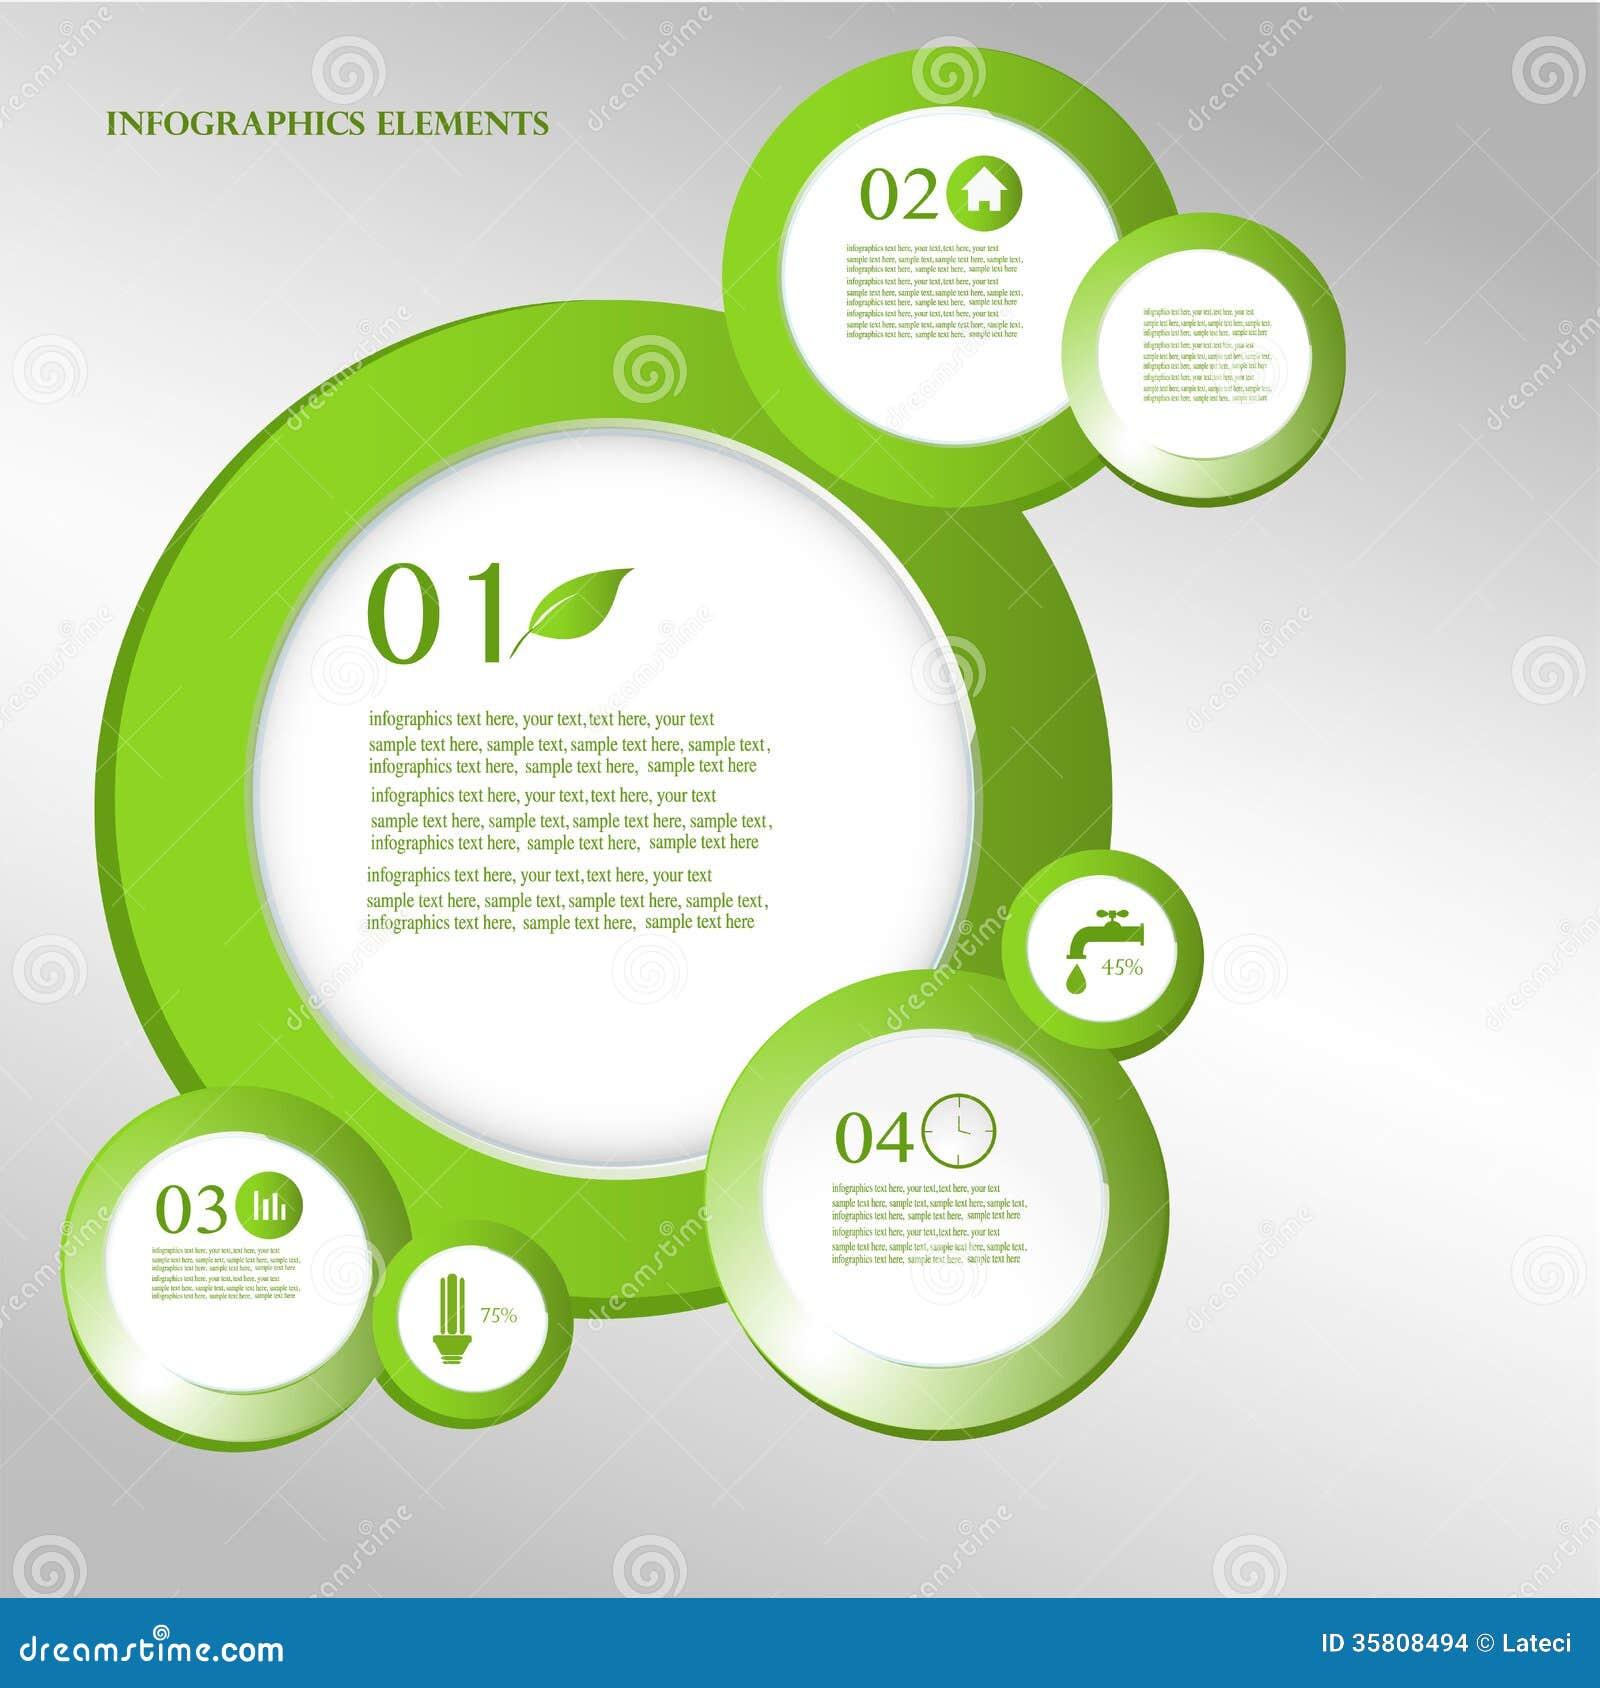 eco design Výrobce designových svítidel, vyvážející do 20 zemí originální svítidla pro nejnáročnější klientelu.